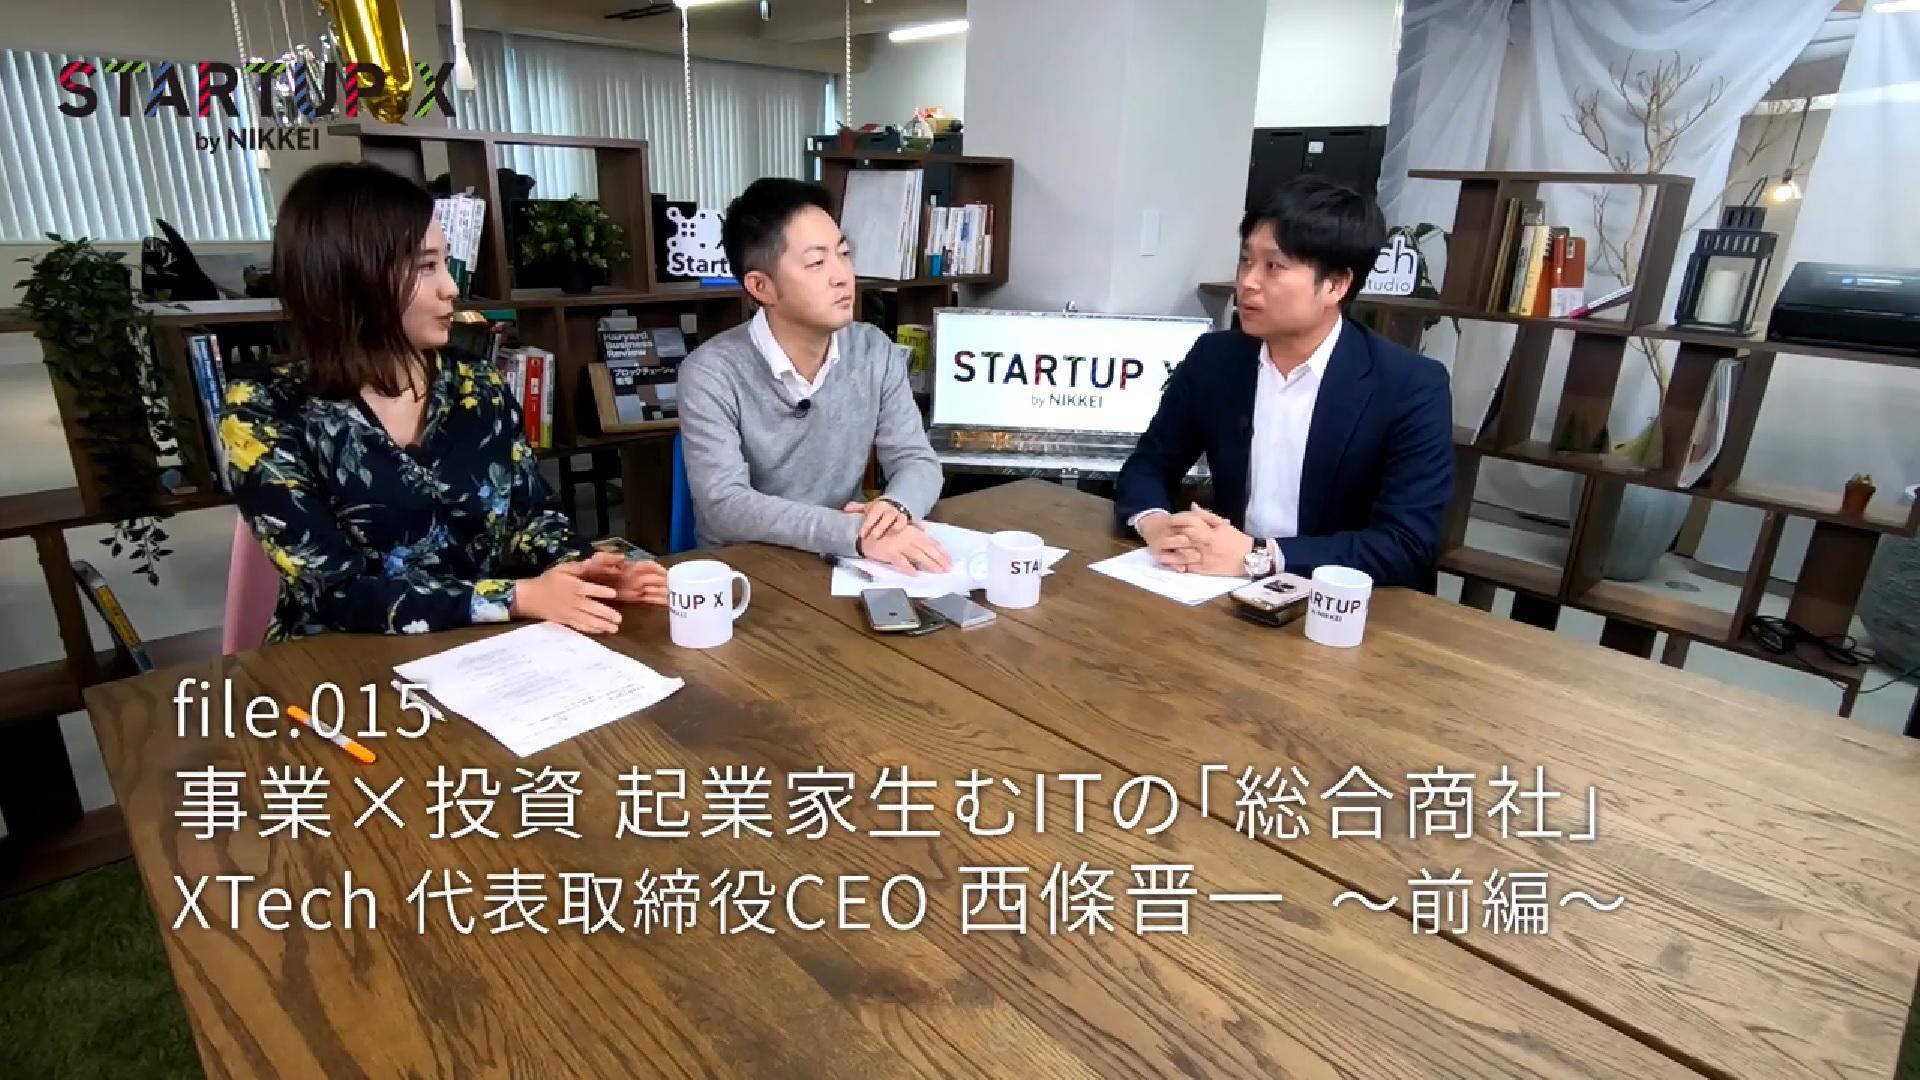 起業家を生むITの「総合商社」XTech、西條CEOの軌跡